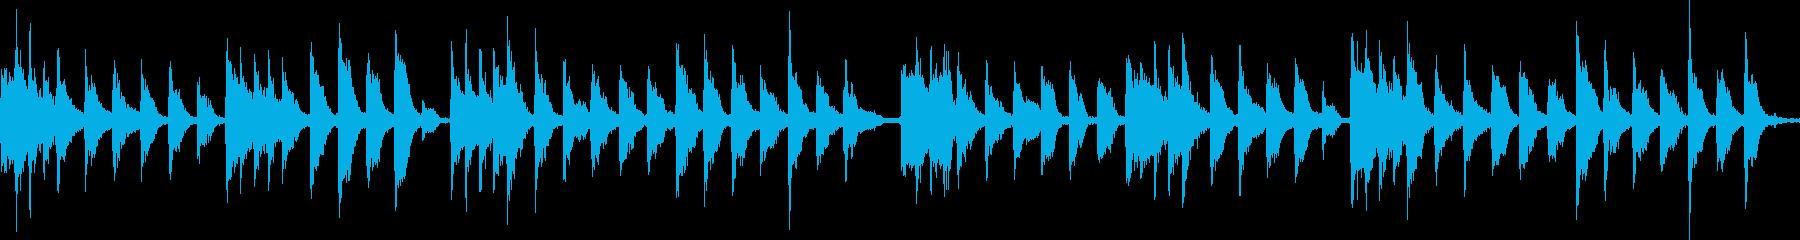 ロシア風の物悲しいピチカートのジングルの再生済みの波形